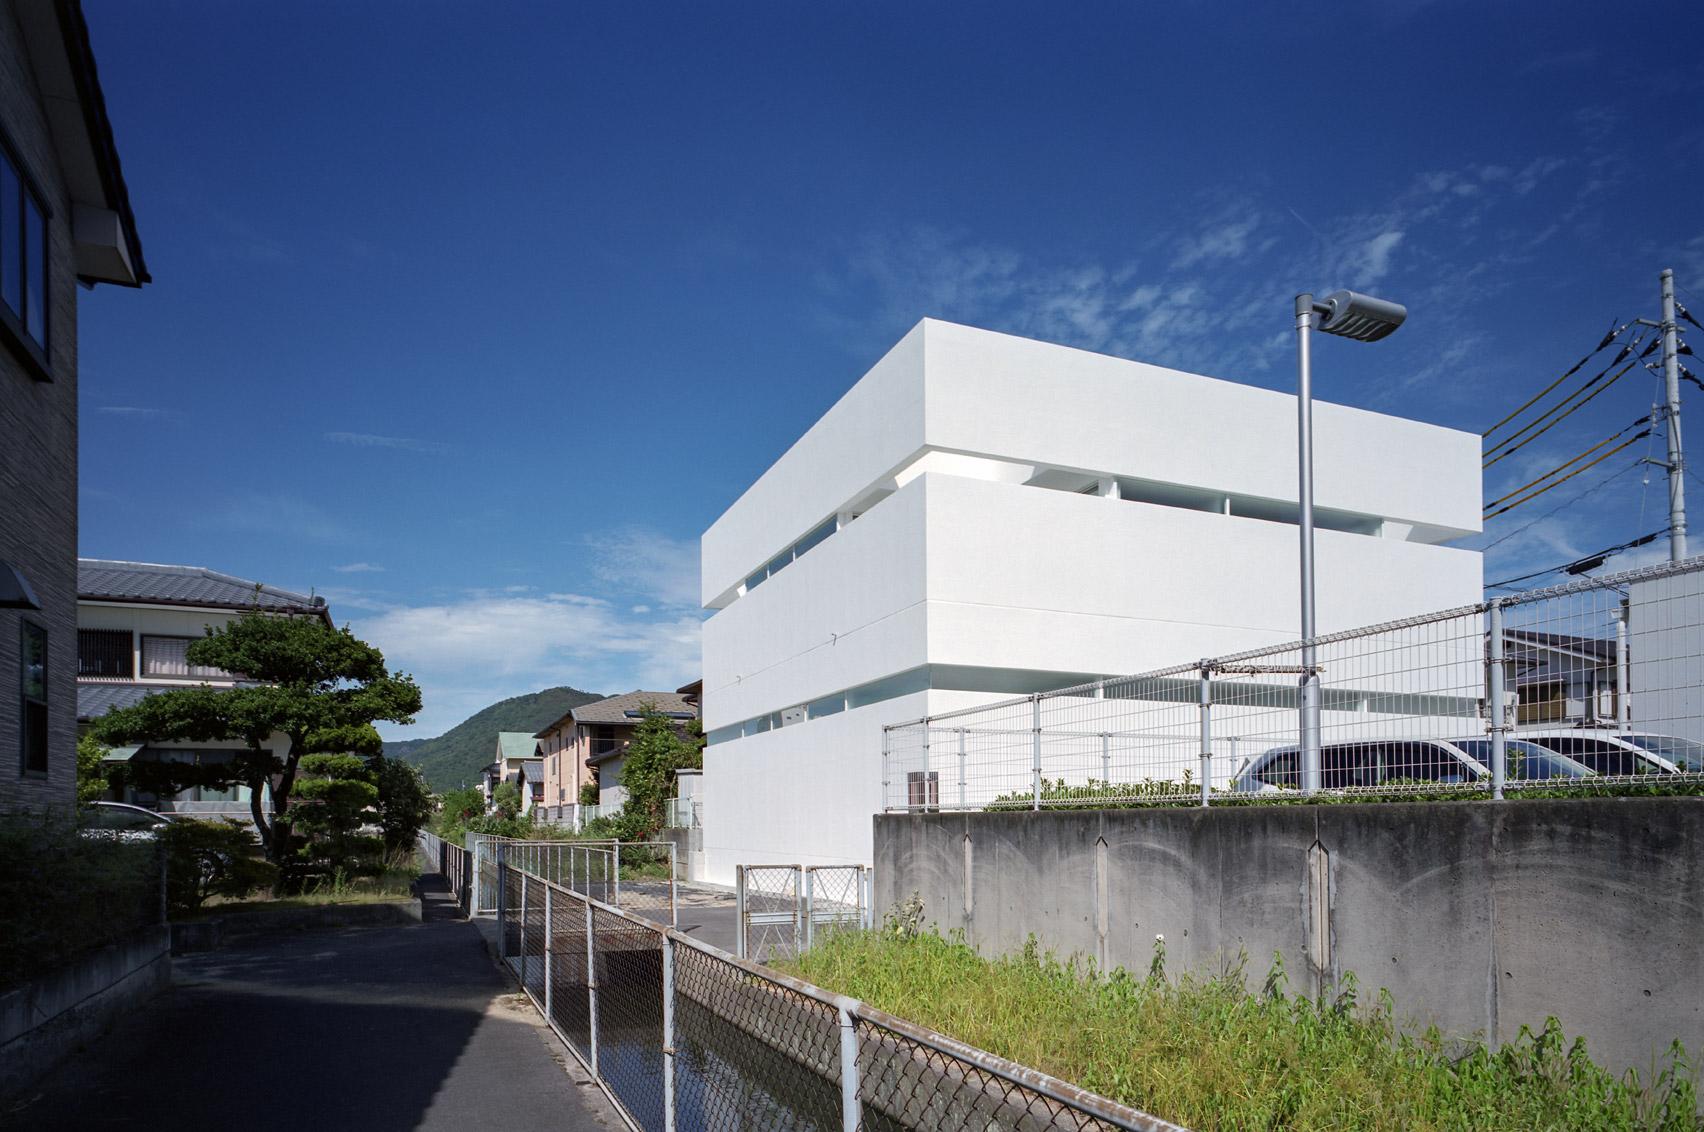 House in Takamatsu by Fujiwaramuro Architects